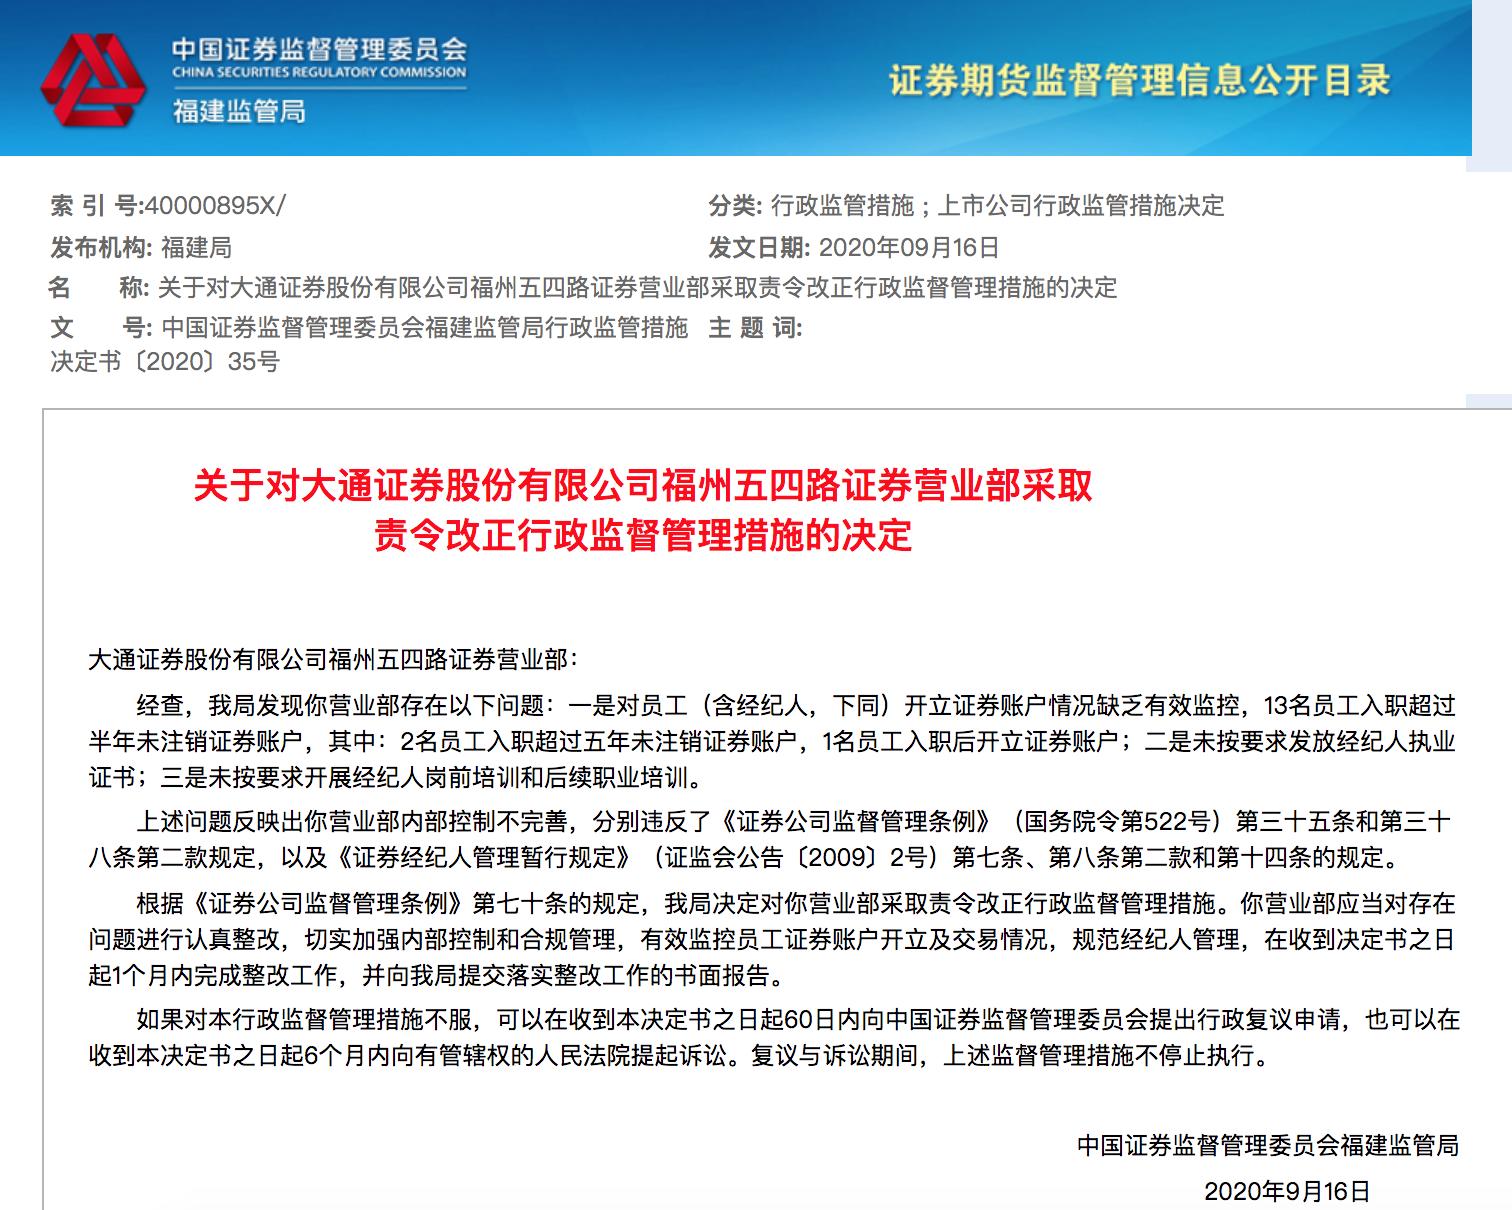 大通证券内控屡曝问题 一营业部13名经纪人扎堆炒股